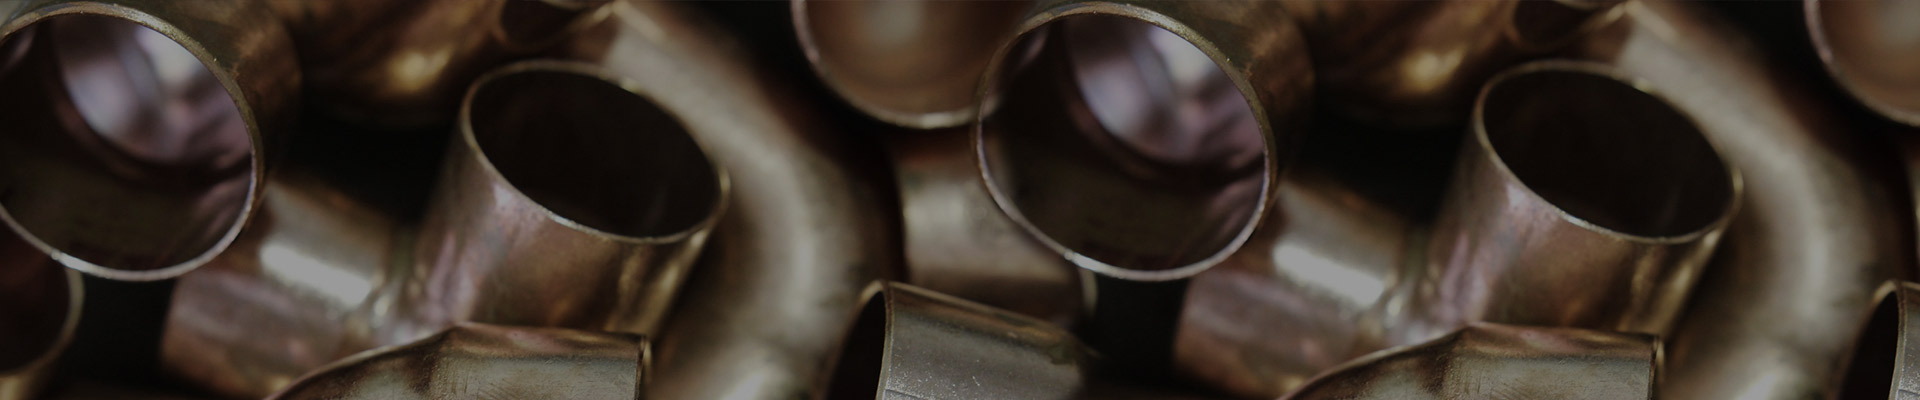 Фланцы, краны, отводы и другие детали трубопровода